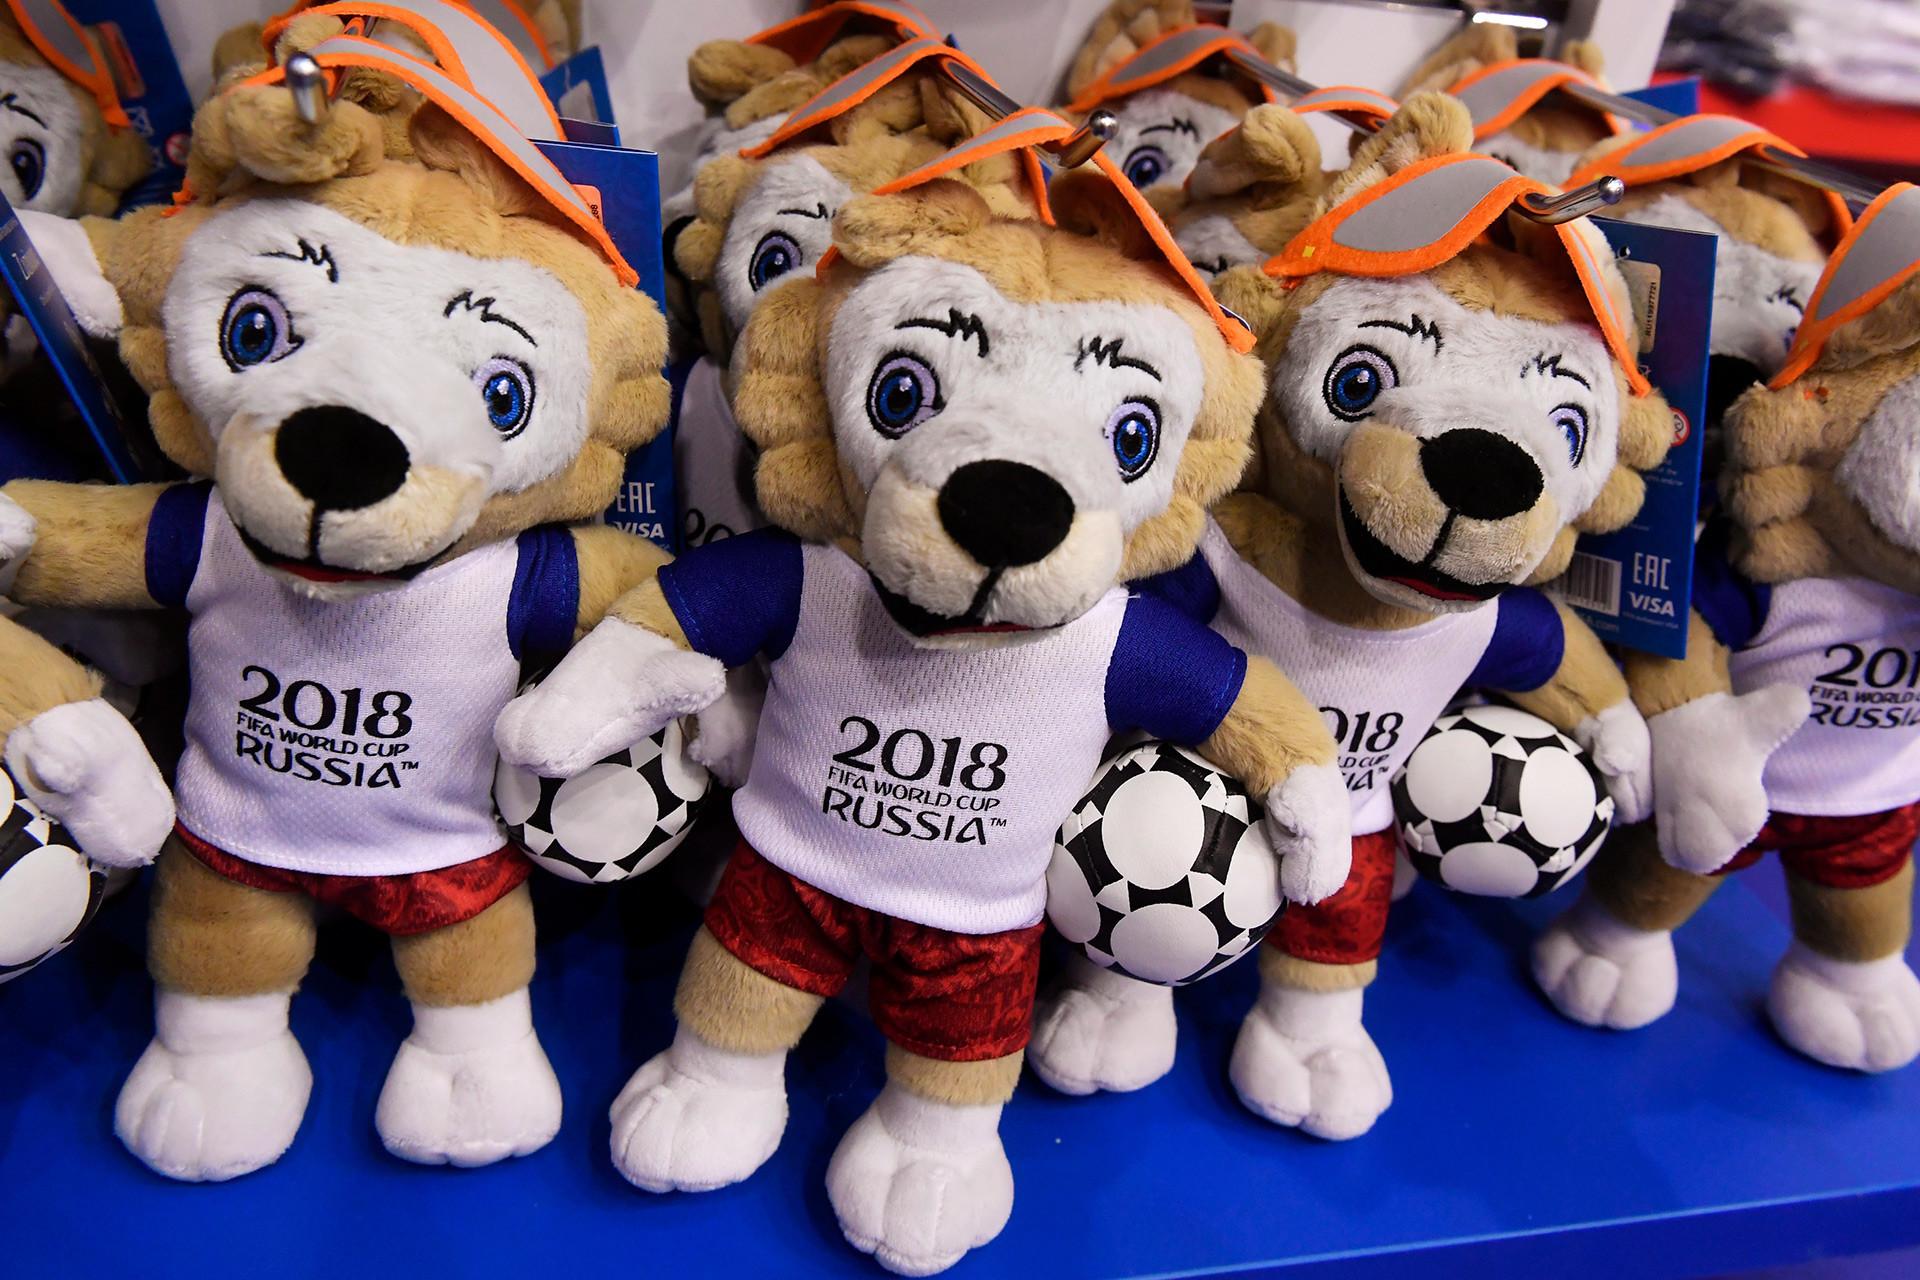 Inilah Beberapa Pertimbangan untuk Beli Merchandise Piala Dunia 2018